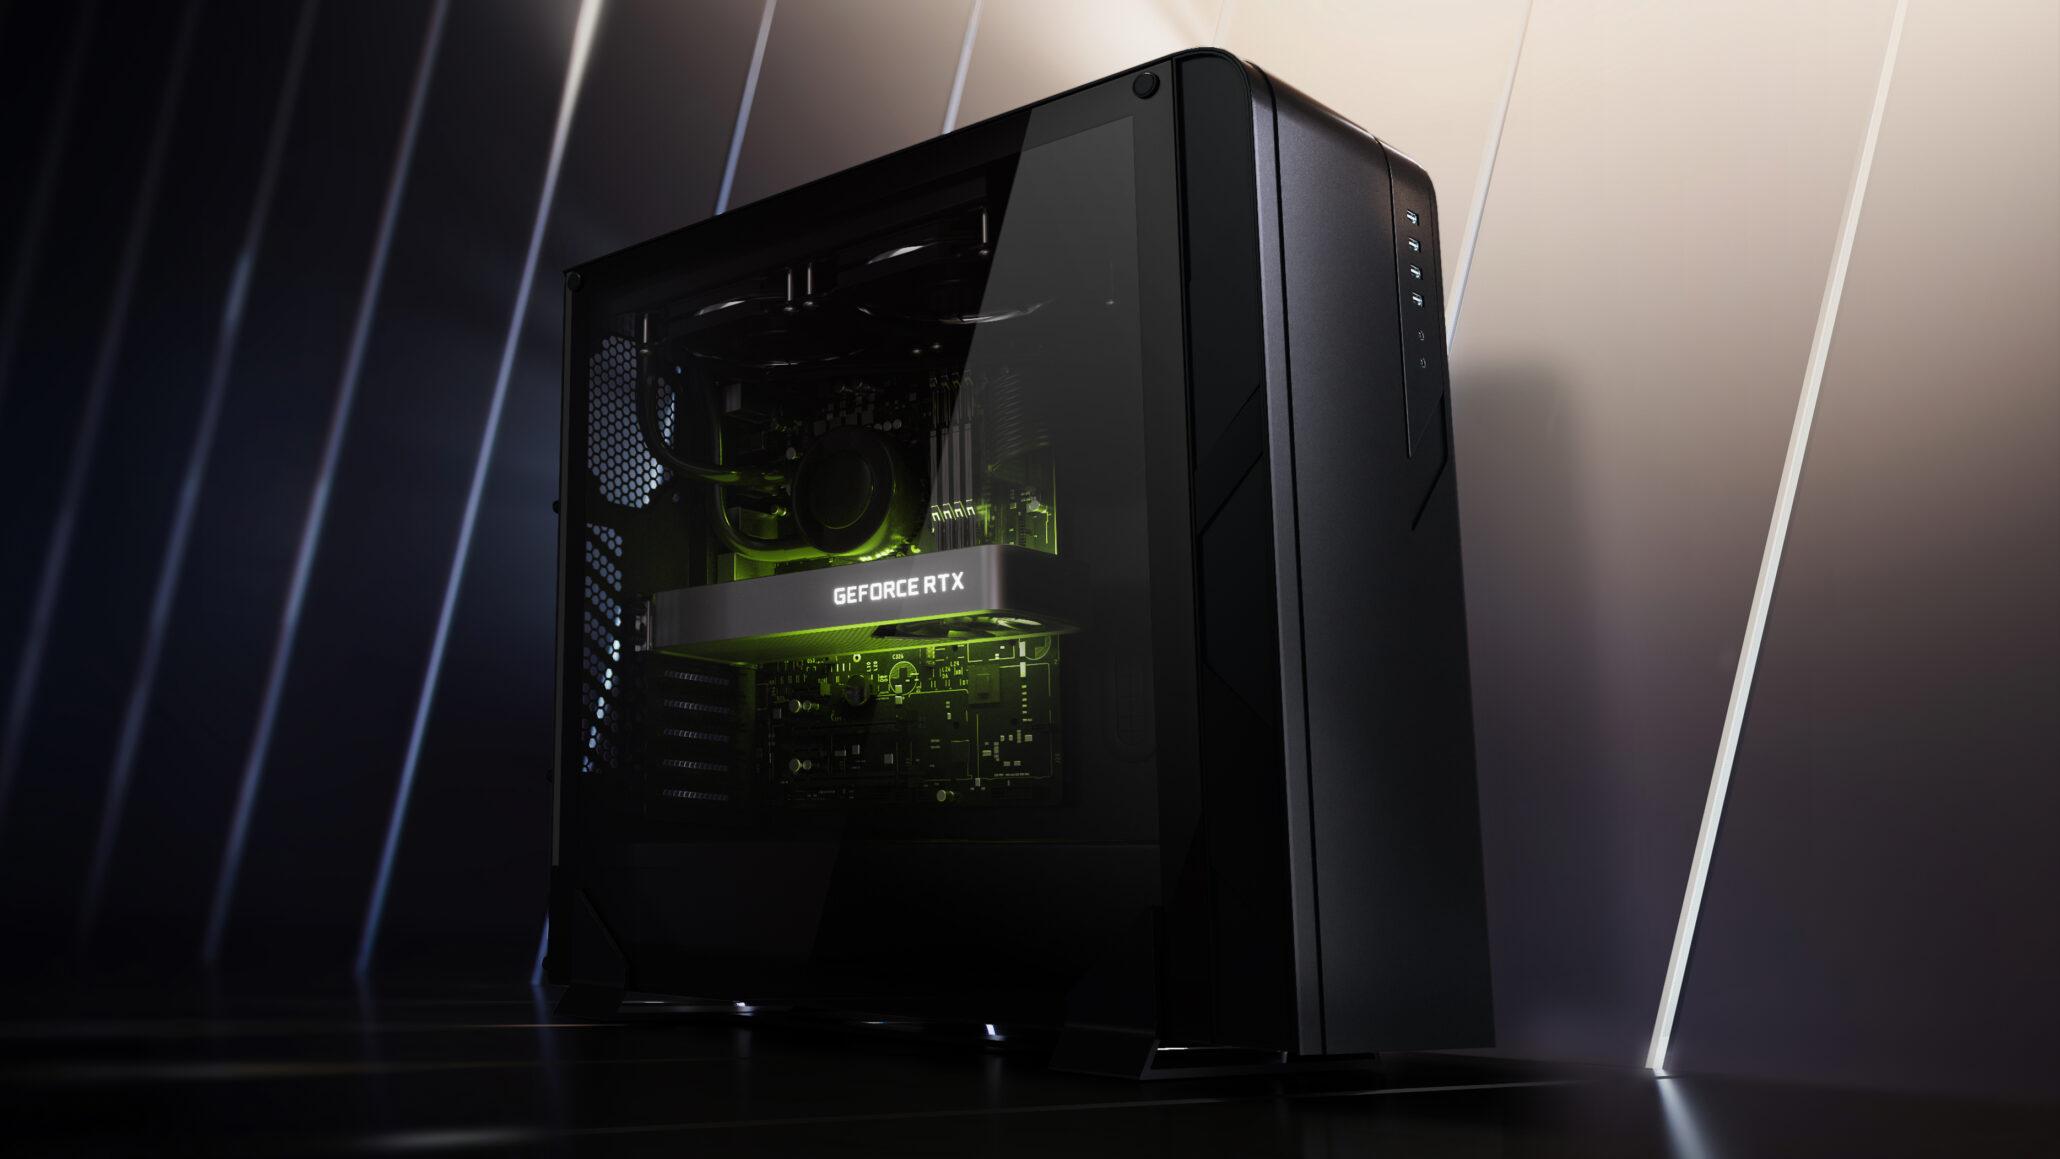 GeForce RTX 3060 еще не вышла, а ритейлеры уже взвинтили цены более чем вдвое — до 700 евро - ITC.ua